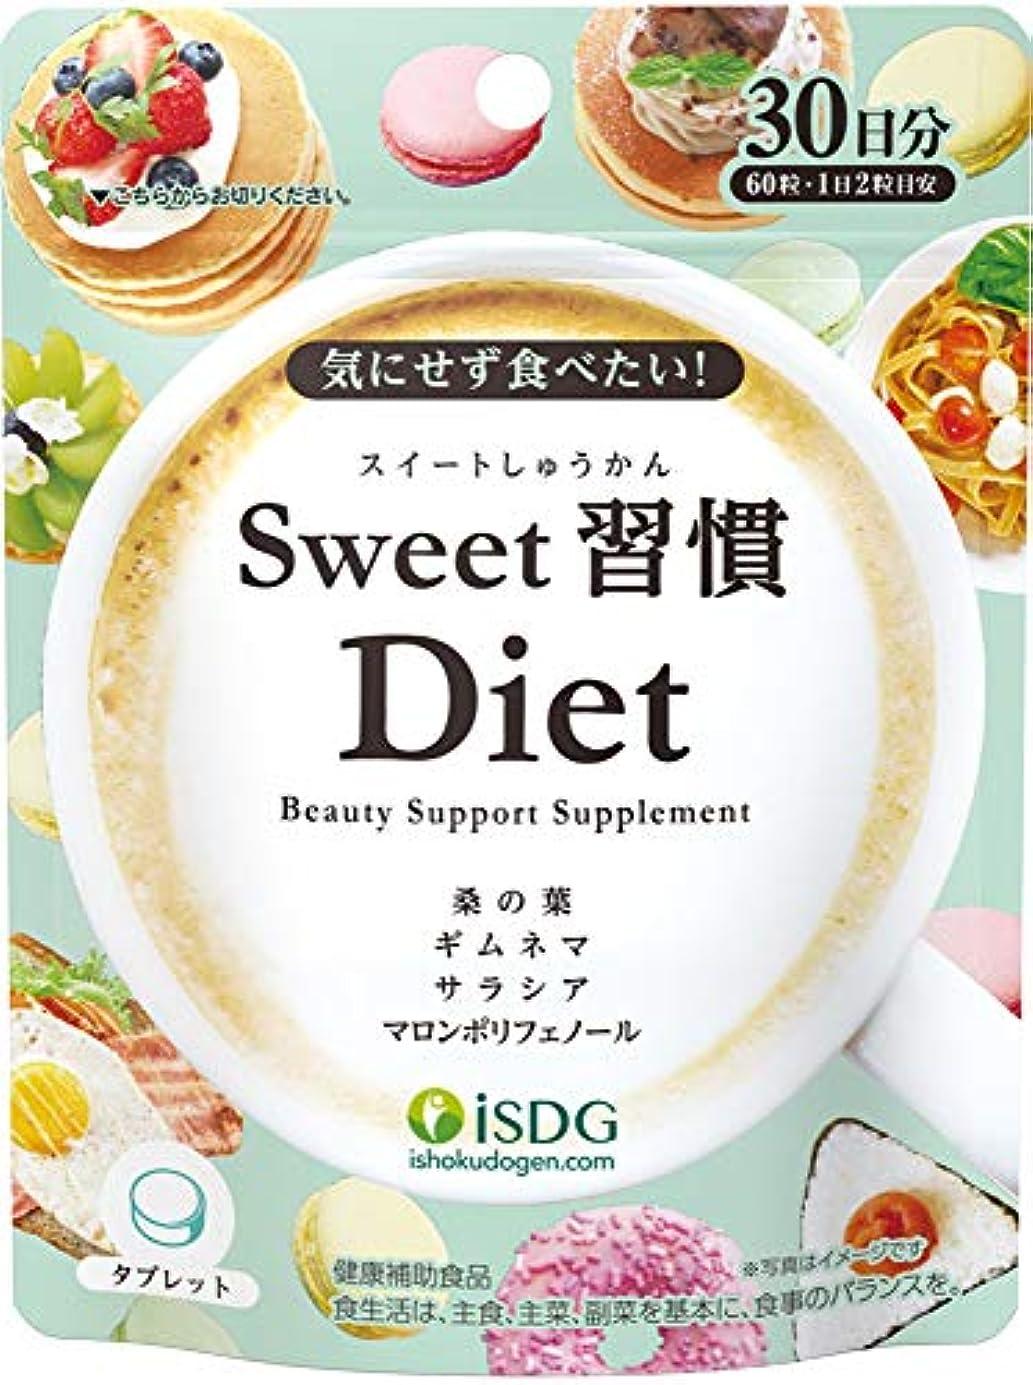 マウスピースコンテスト異なるISDG 医食同源ドットコム Sweet習慣Diet サプリメント [ 桑の葉 ギムネマ サラシア マロンポリフェノール] 日本製 60粒 30日分